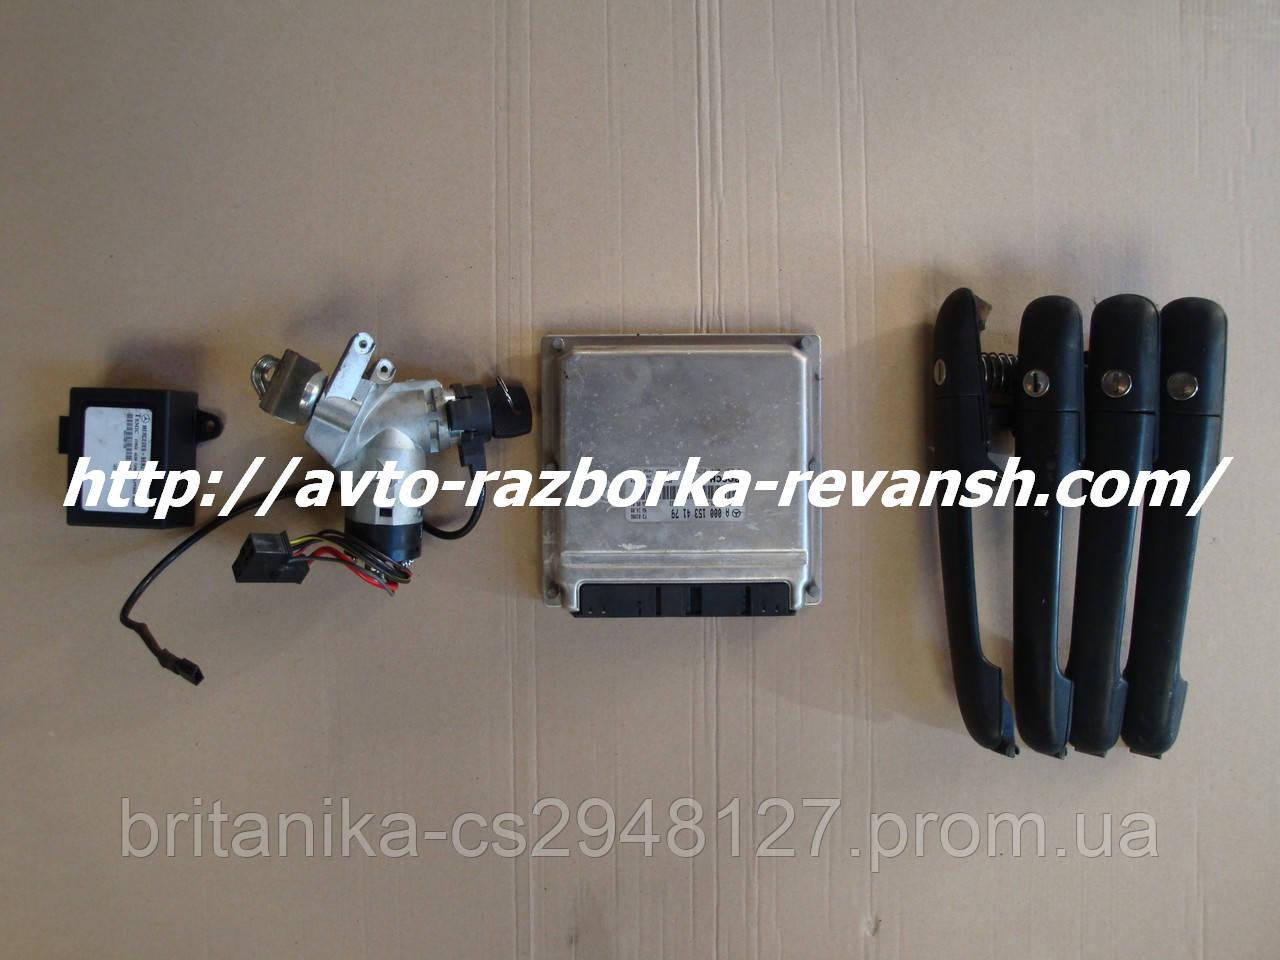 Блок управління двигуном в зборі Мерседес Спринтер (A 000 153 41 79) 311 2.2 cdi бо Sprinter мотором